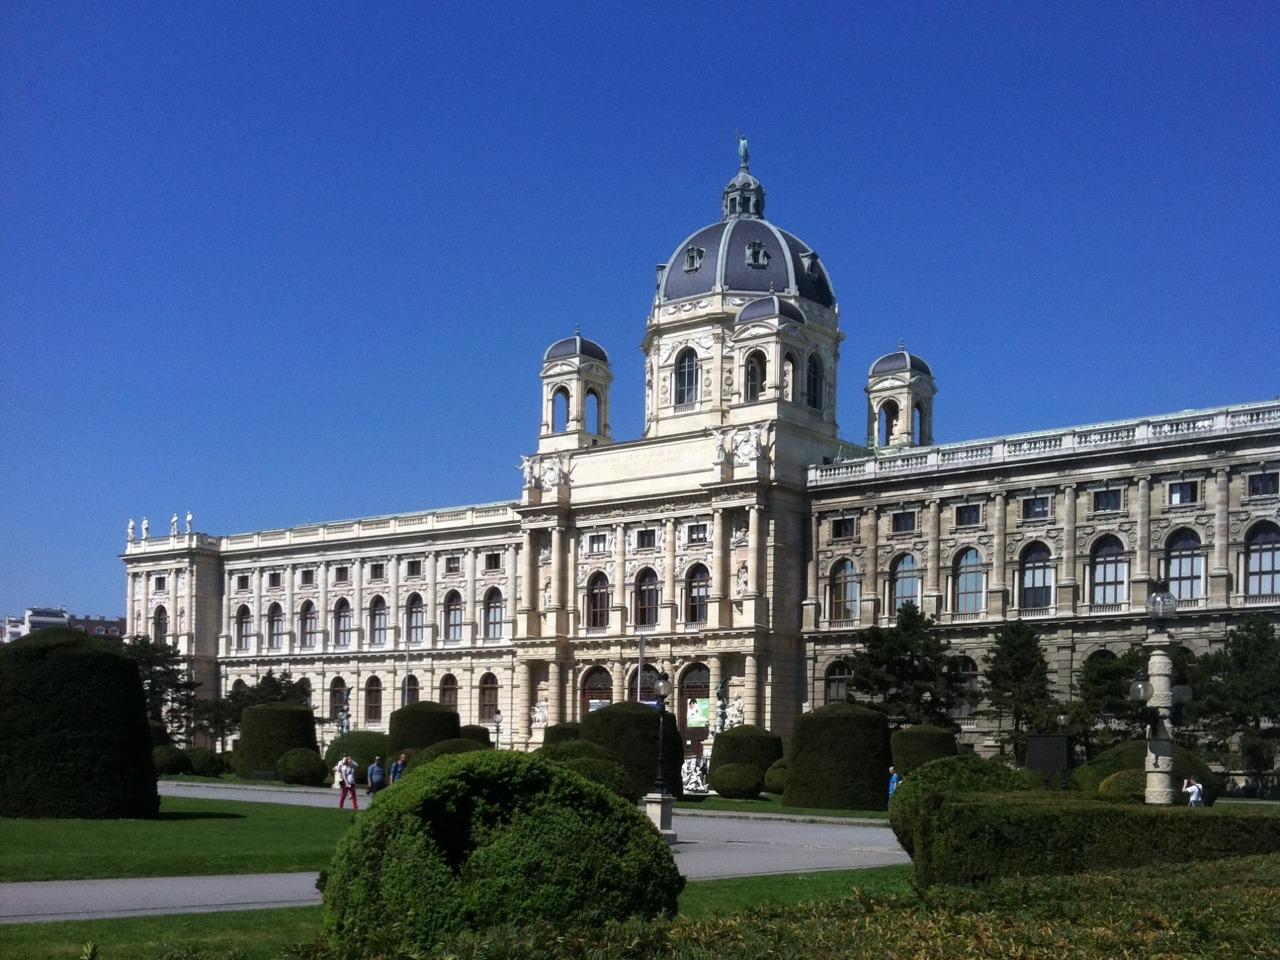 Императорская Вена - прекраснейшая из столиц! - индивидуальная экскурсия в Вене от опытного гида